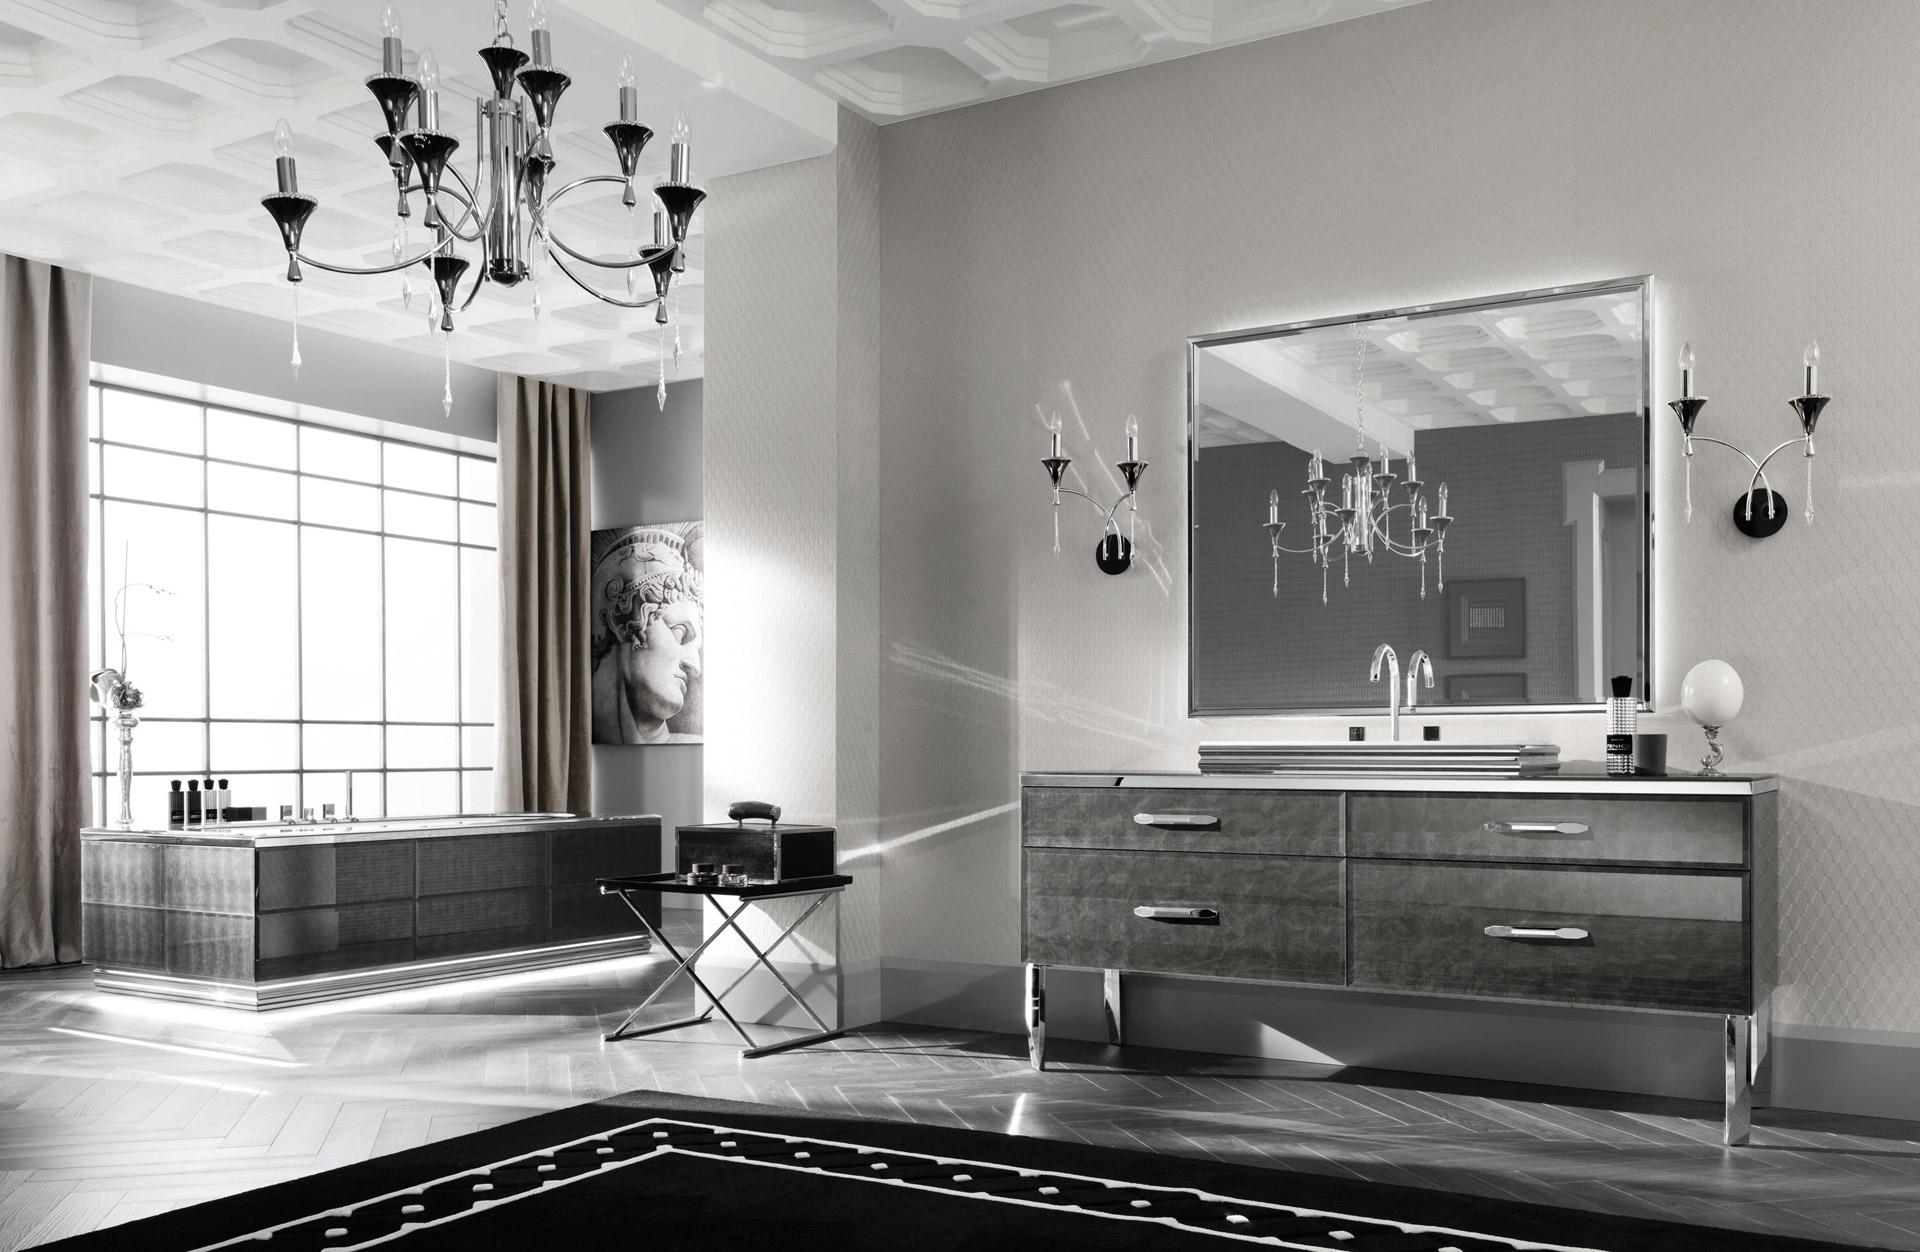 Vente et pose carrelage salles de bains boulogne paris for Bineau mural levallois perret